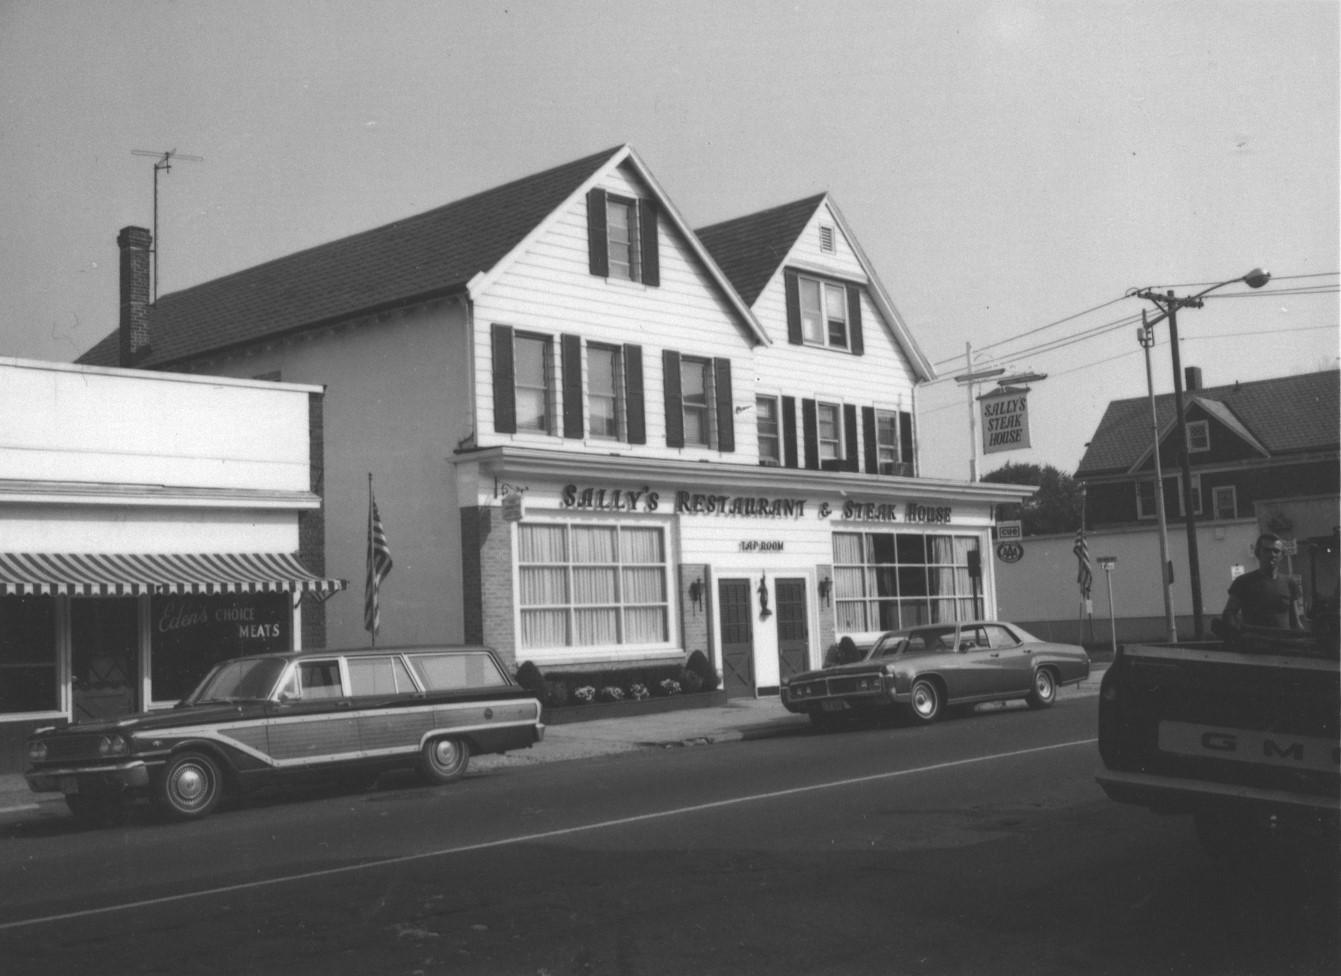 Sally's, circa the 1970s